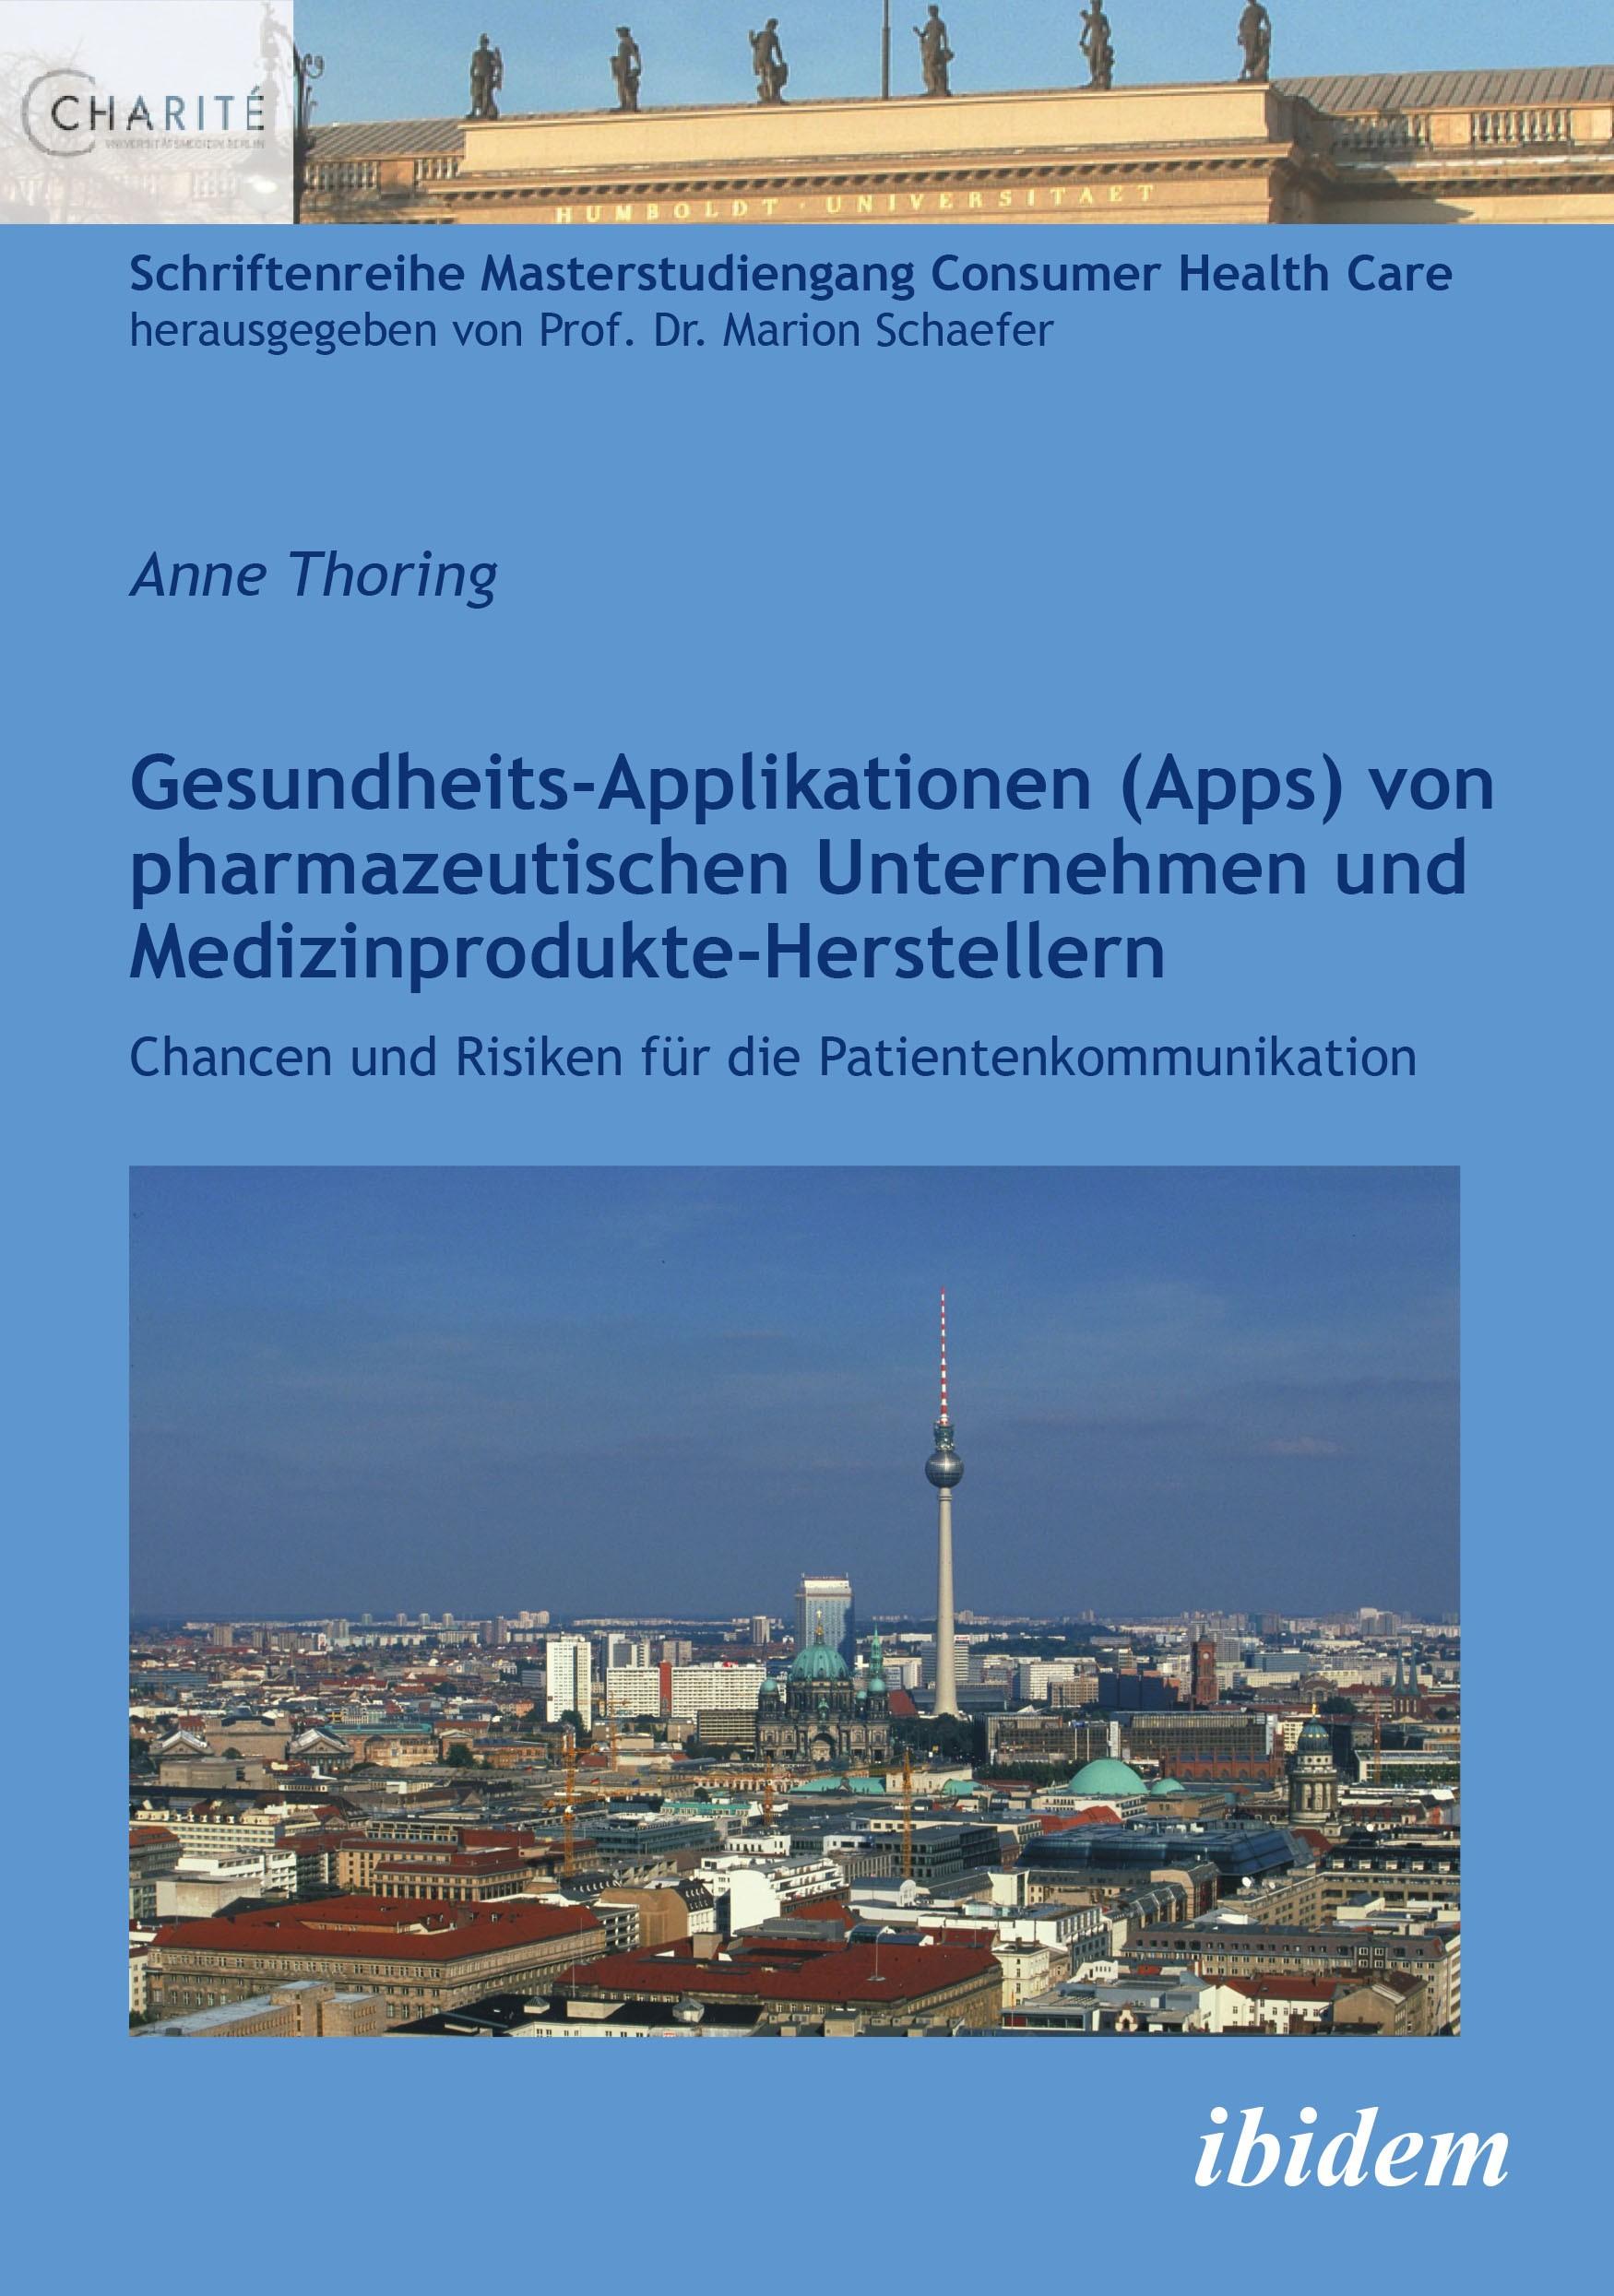 Gesundheits-Applikationen (Apps) von pharmazeutischen Unternehmen und Medizinprodukte-Herstellern